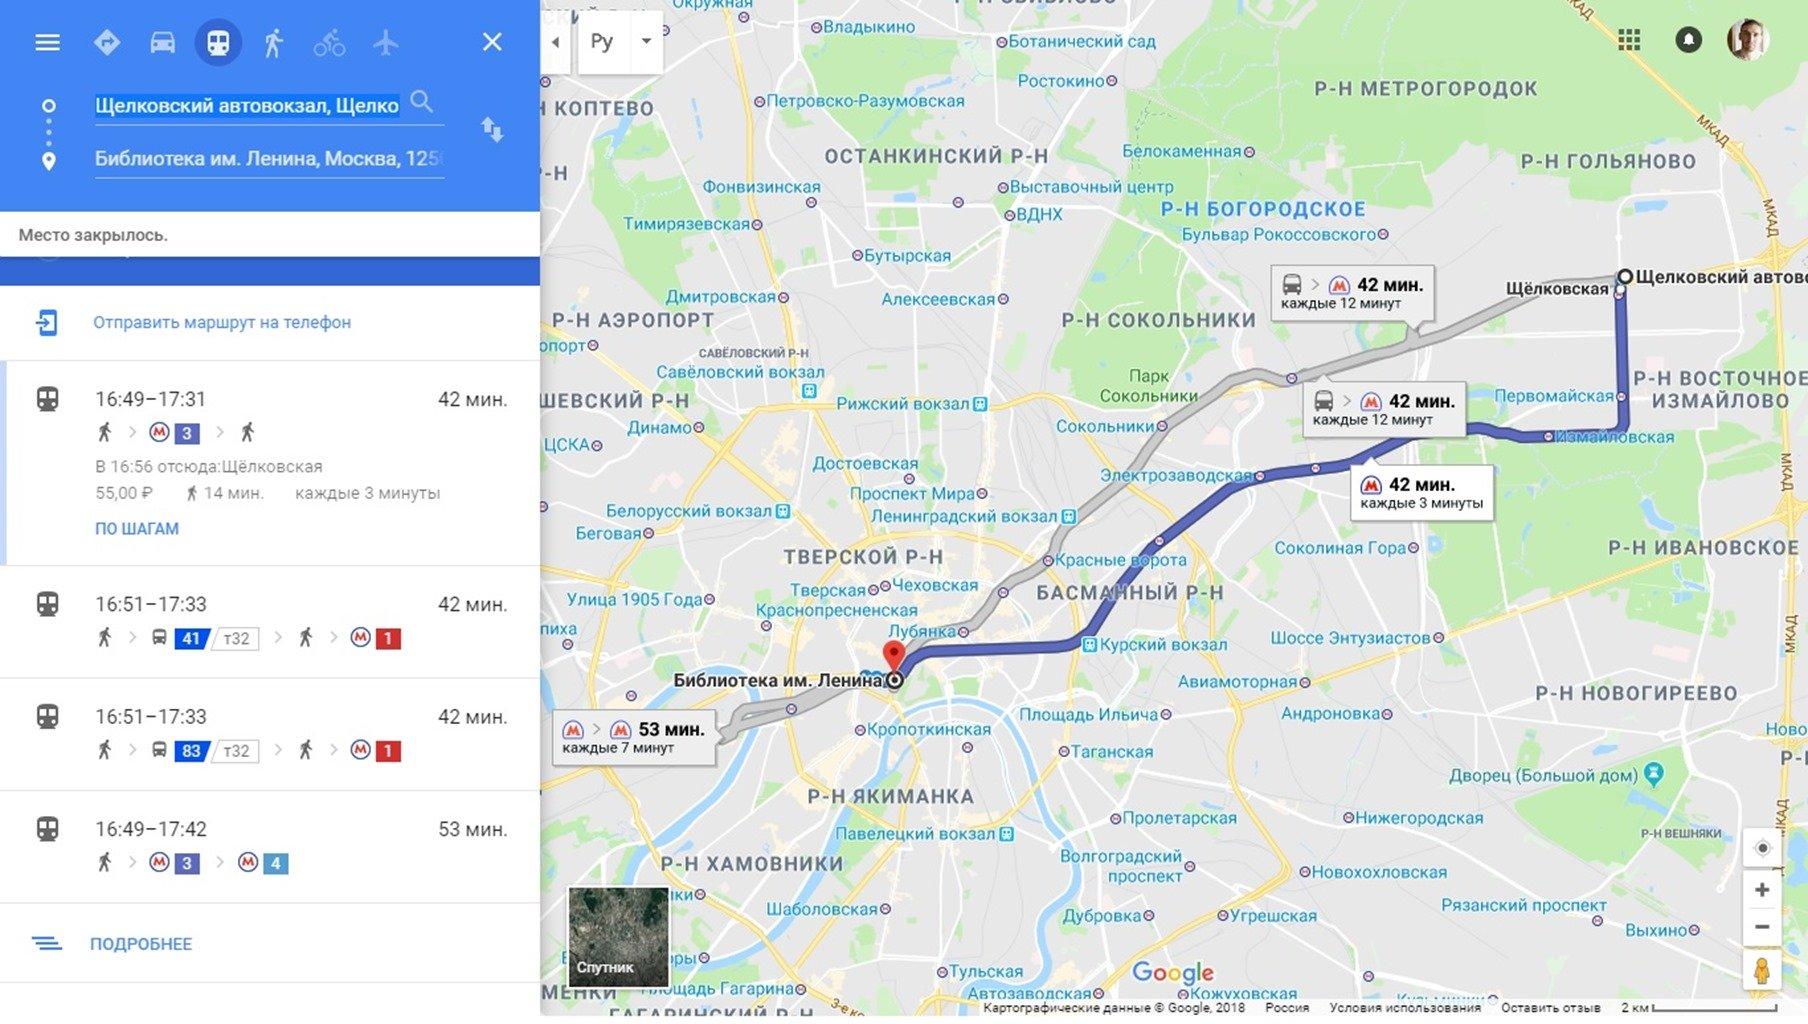 Путь в Гугл картах